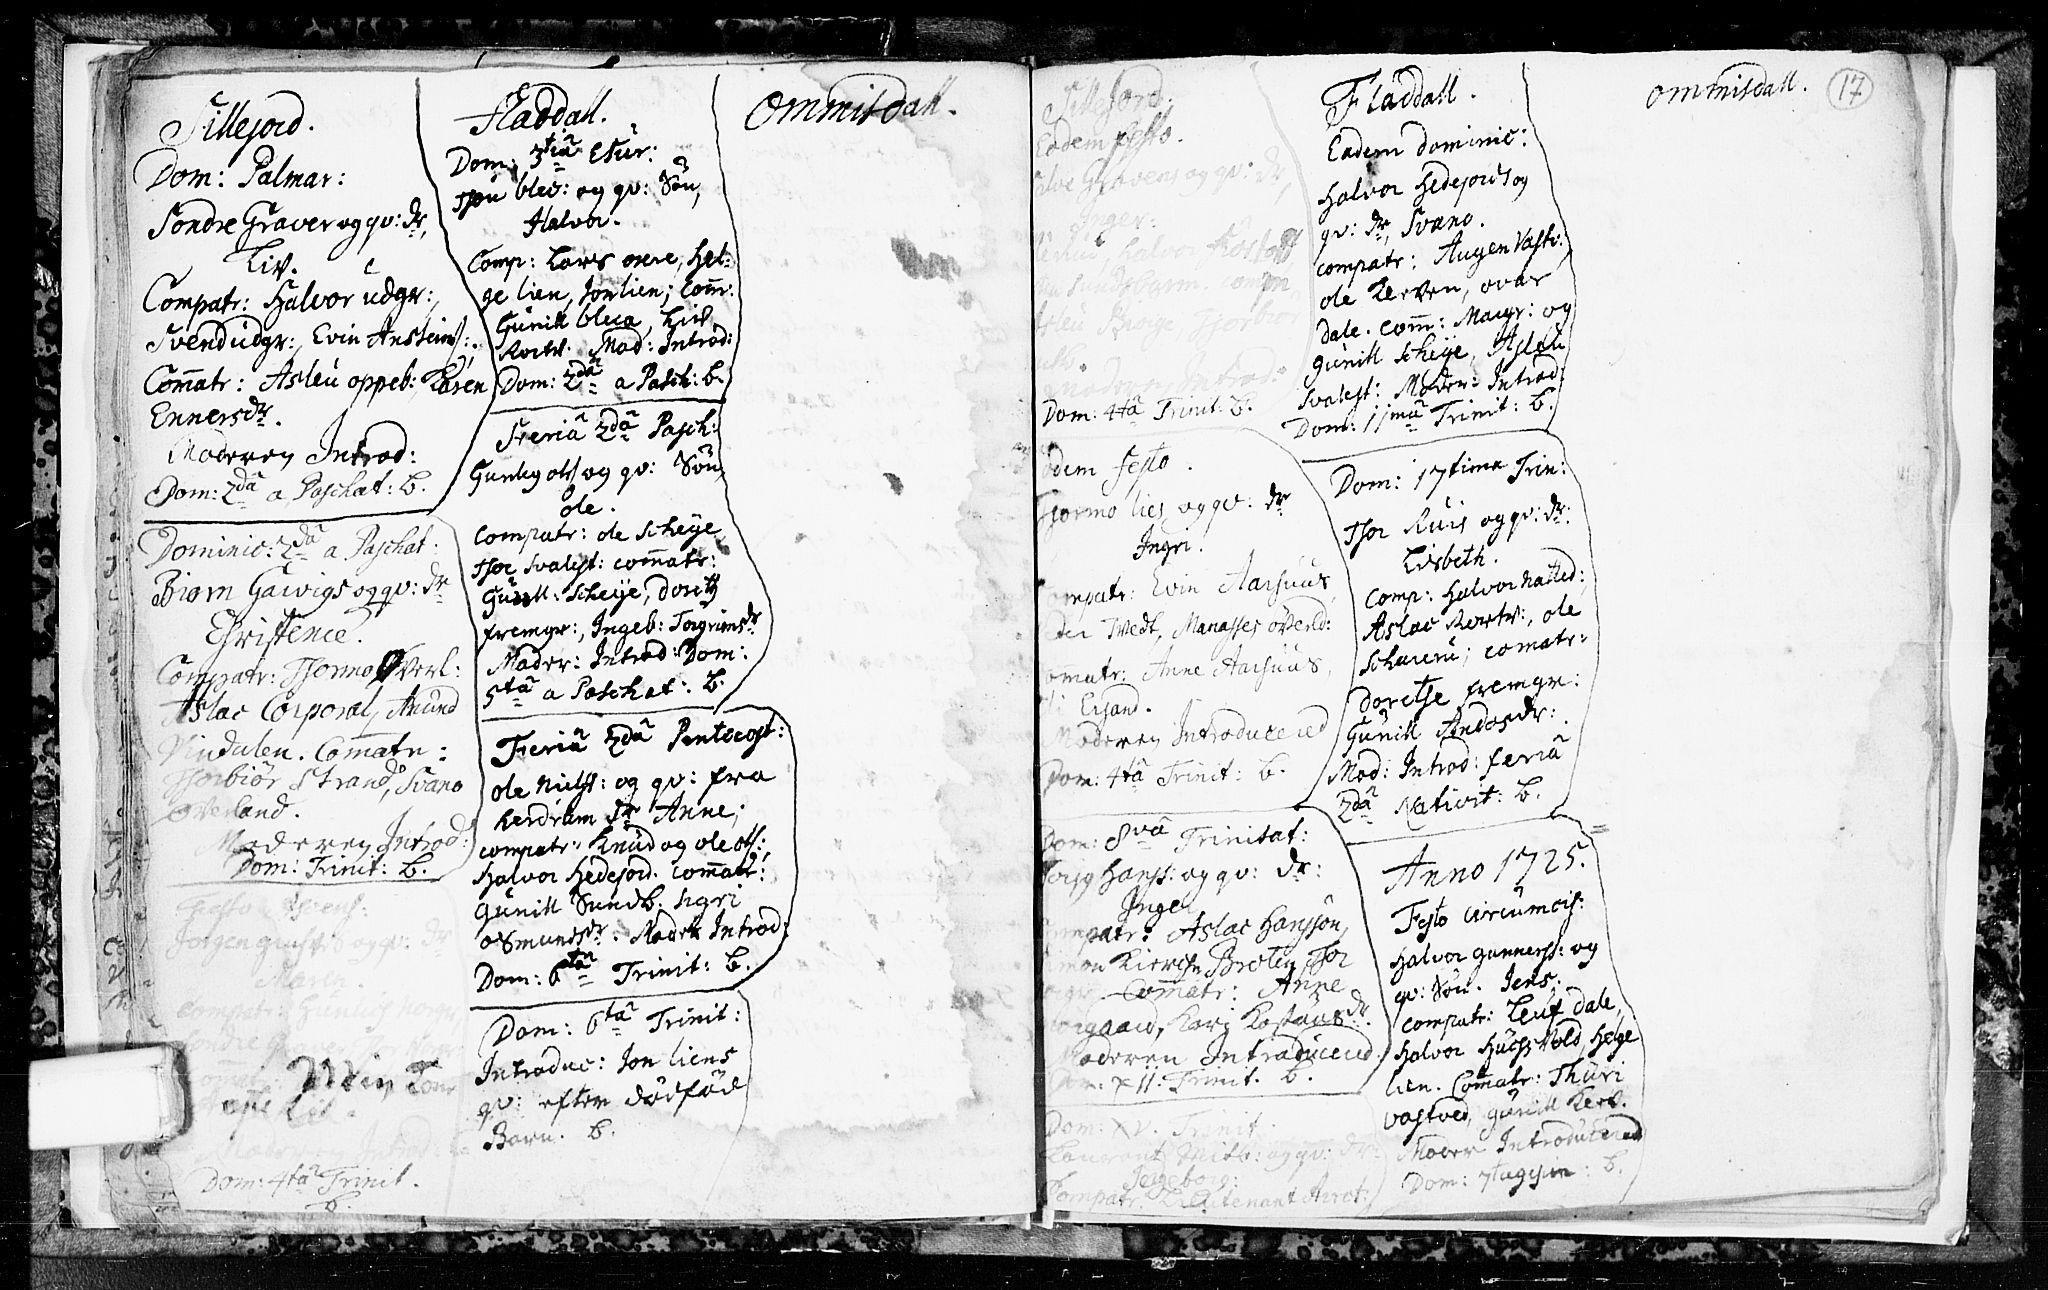 SAKO, Seljord kirkebøker, F/Fa/L0003: Ministerialbok nr. I 3, 1714-1725, s. 17